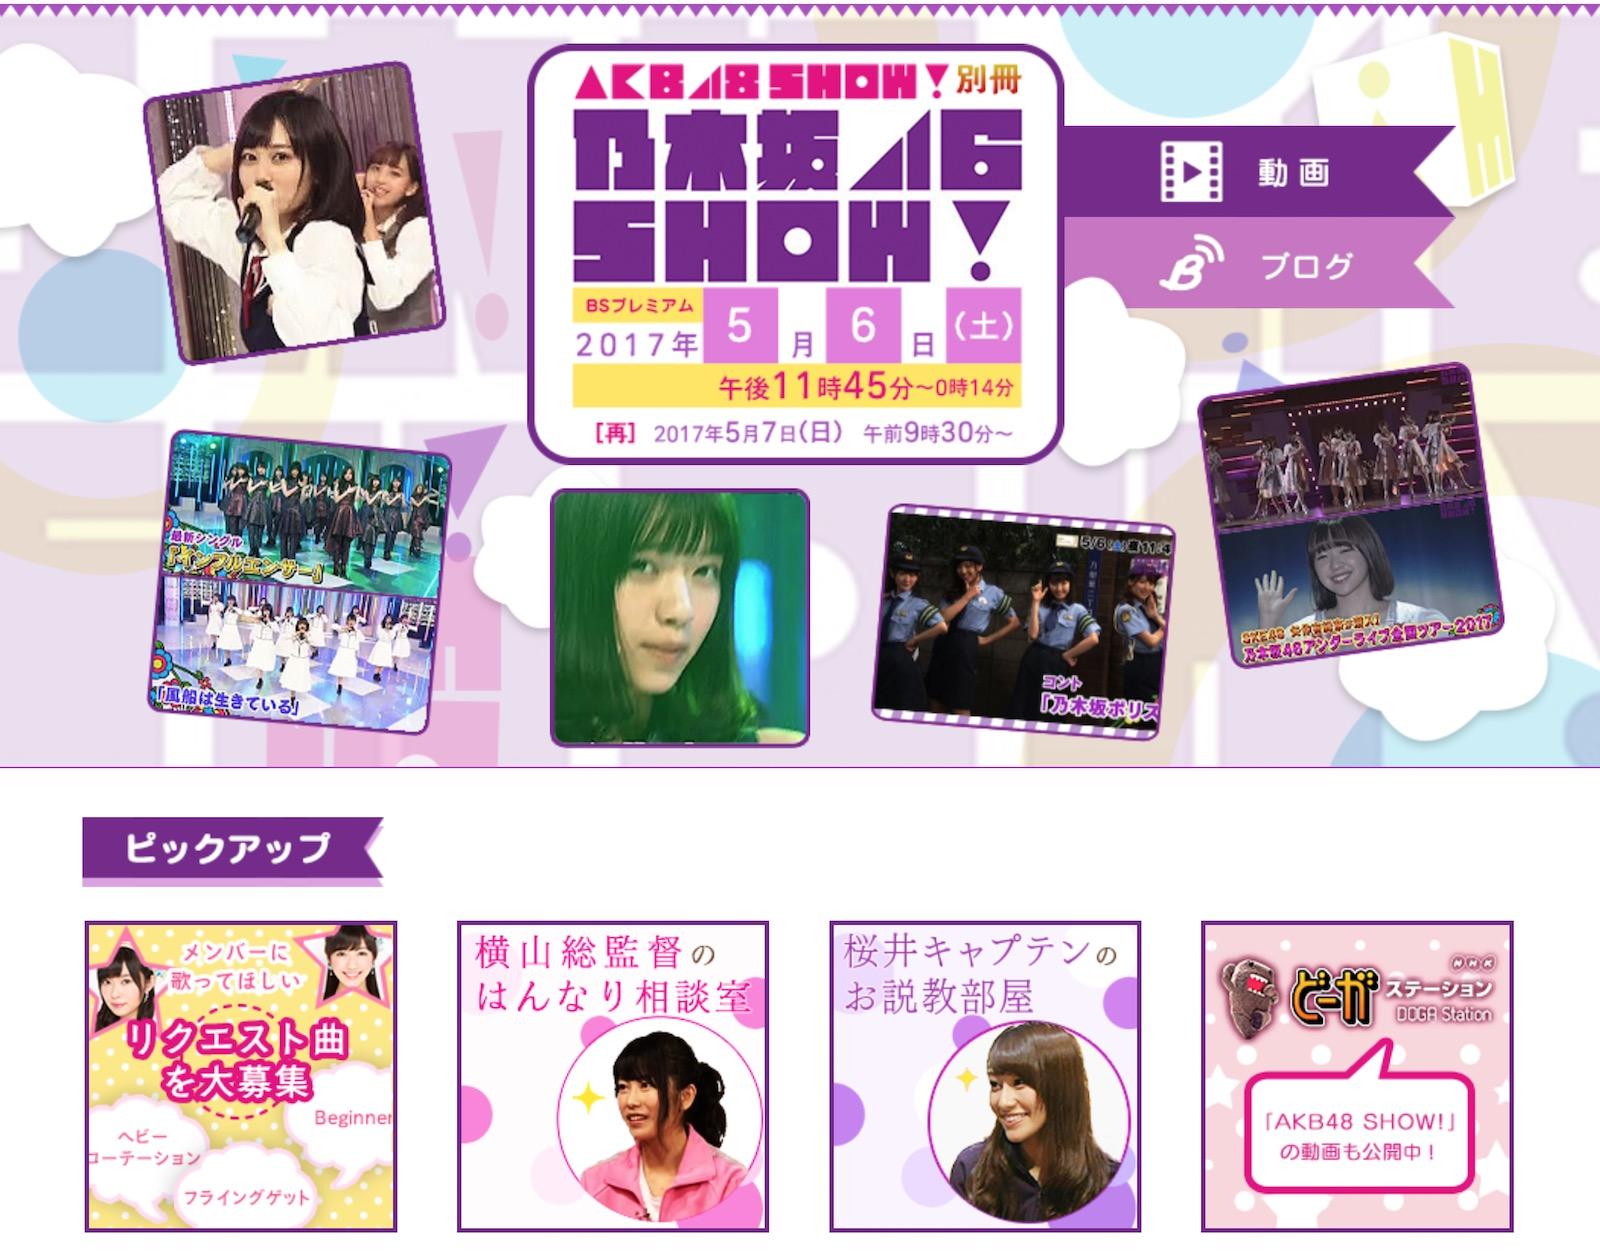 別冊「乃木坂46 SHOW!」第14弾